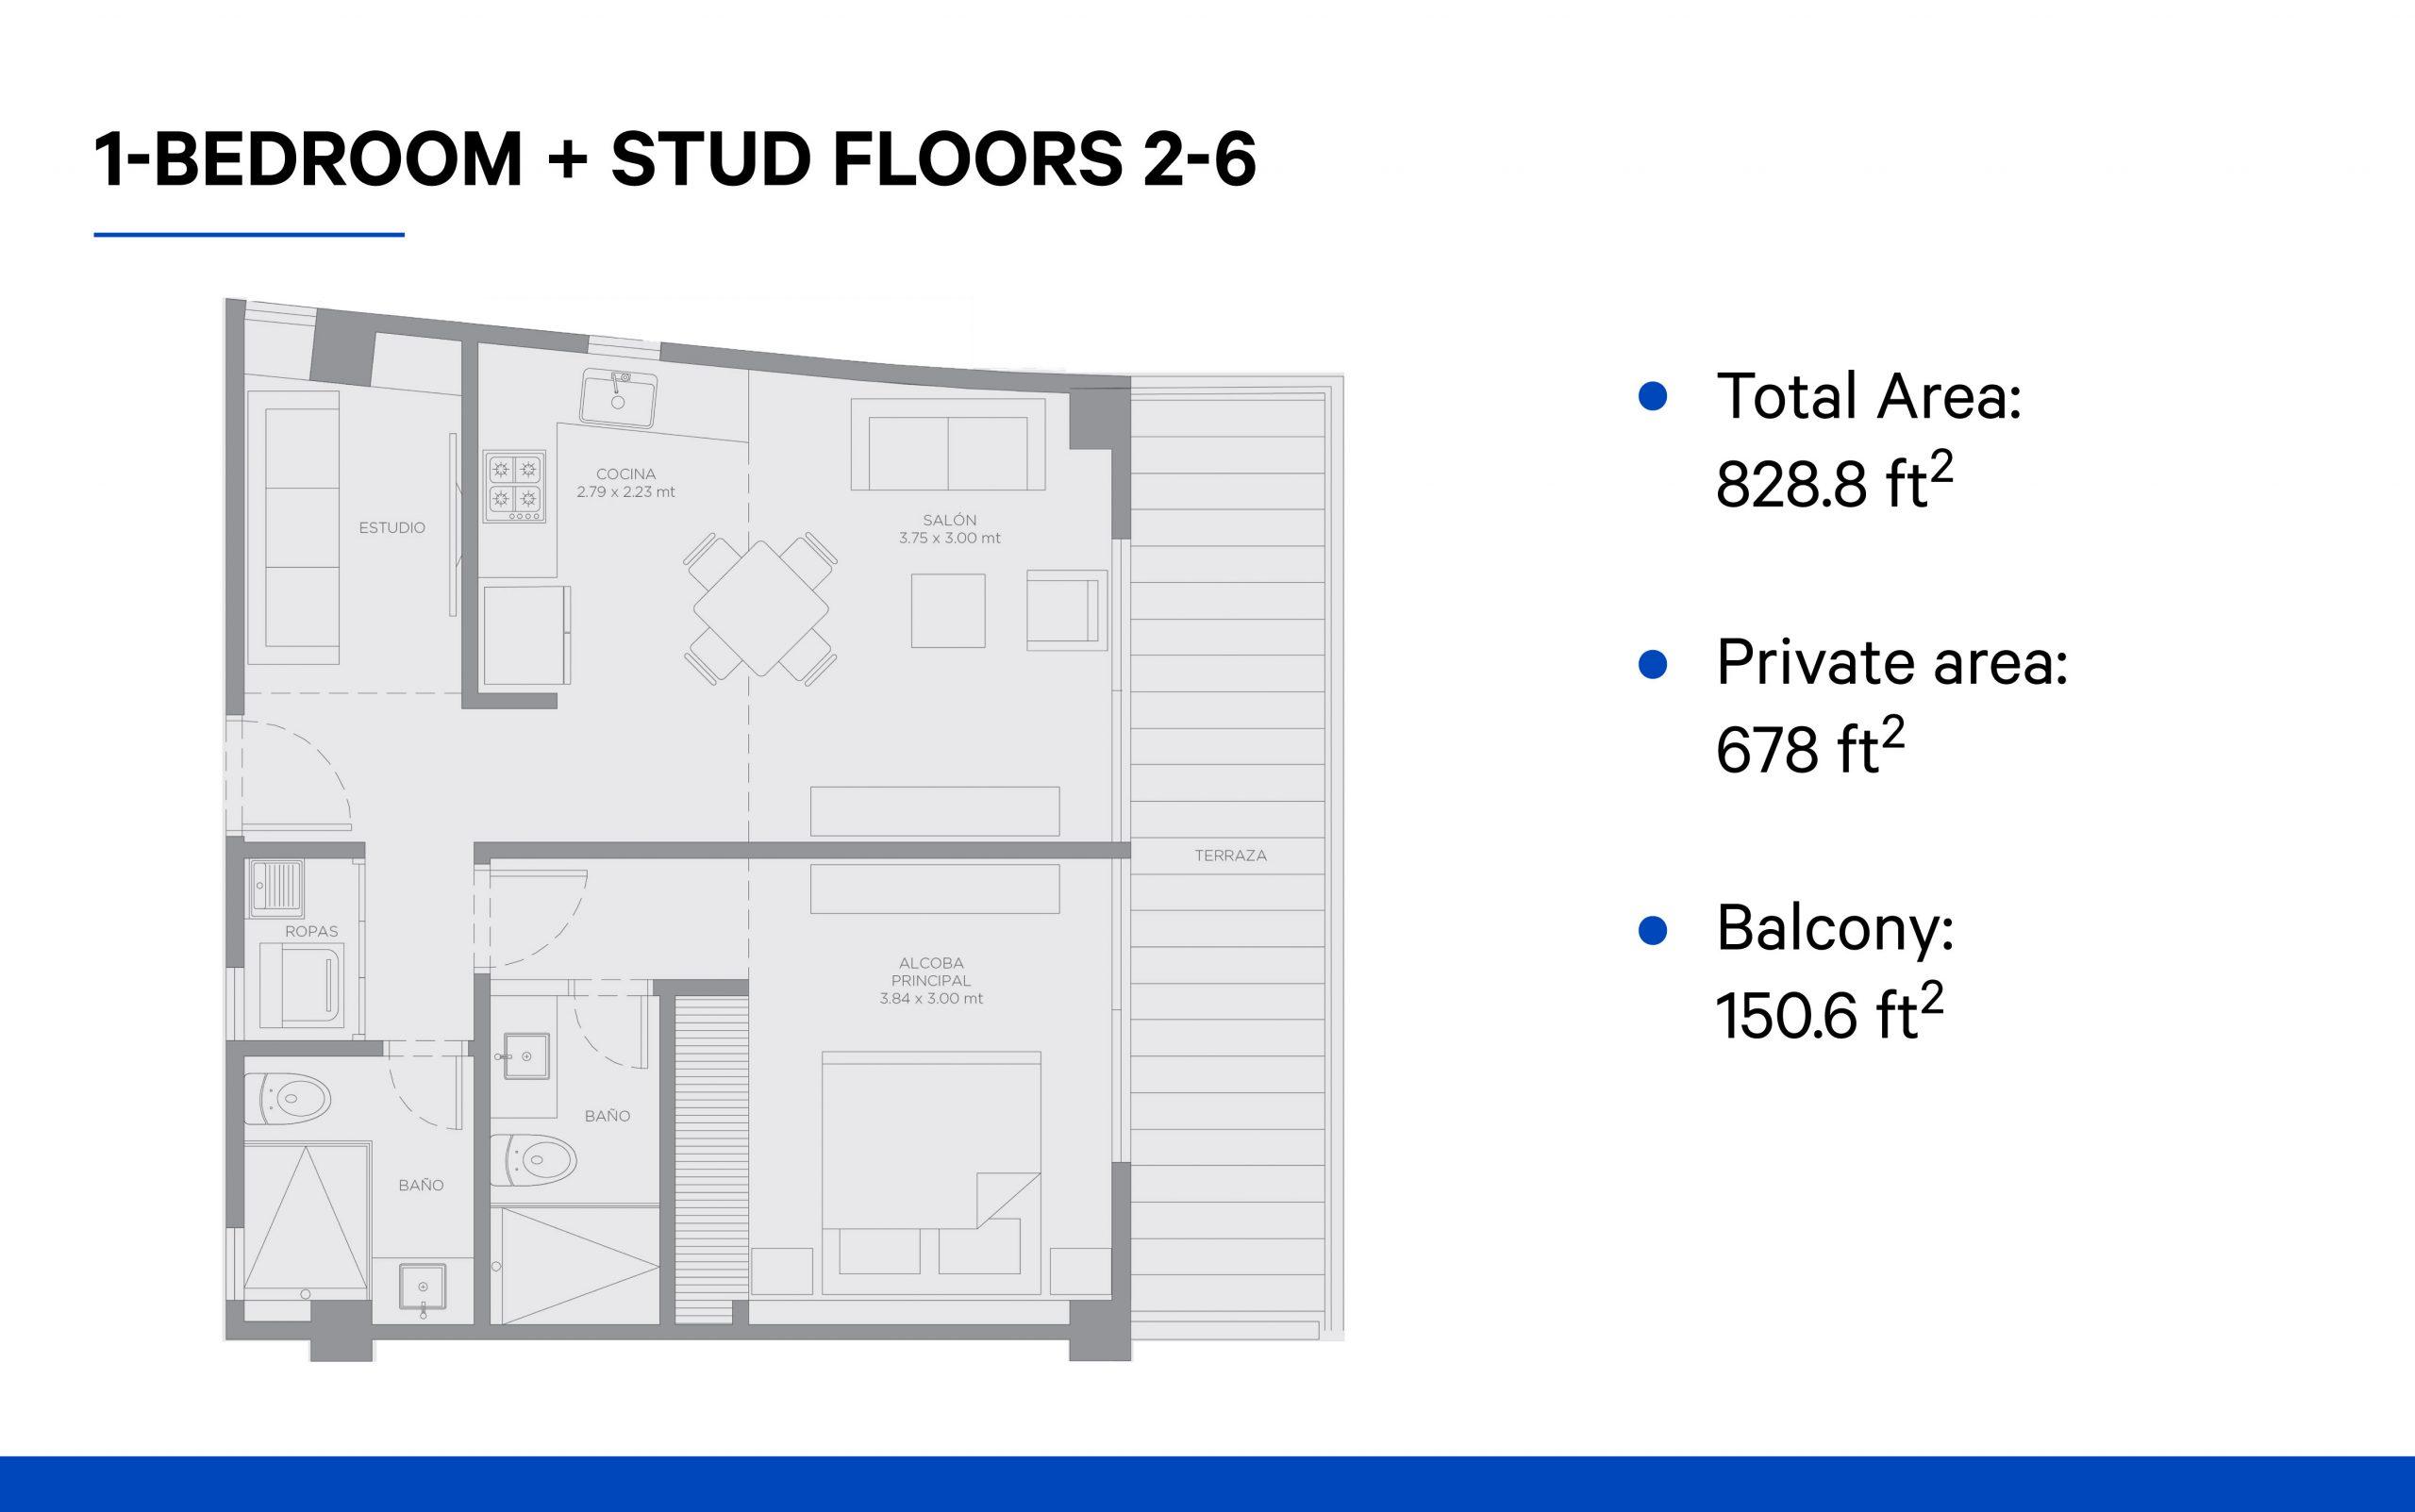 1-Bedroom + studio